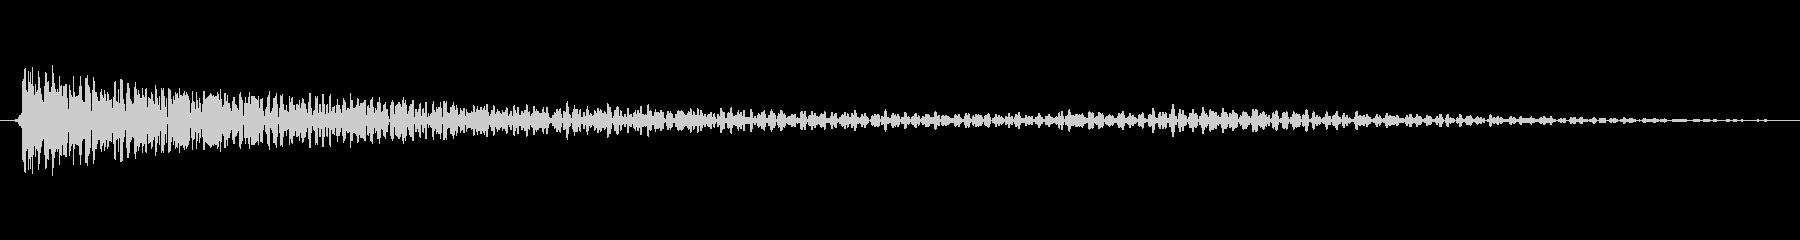 シートメタルヒット07-LCRの未再生の波形